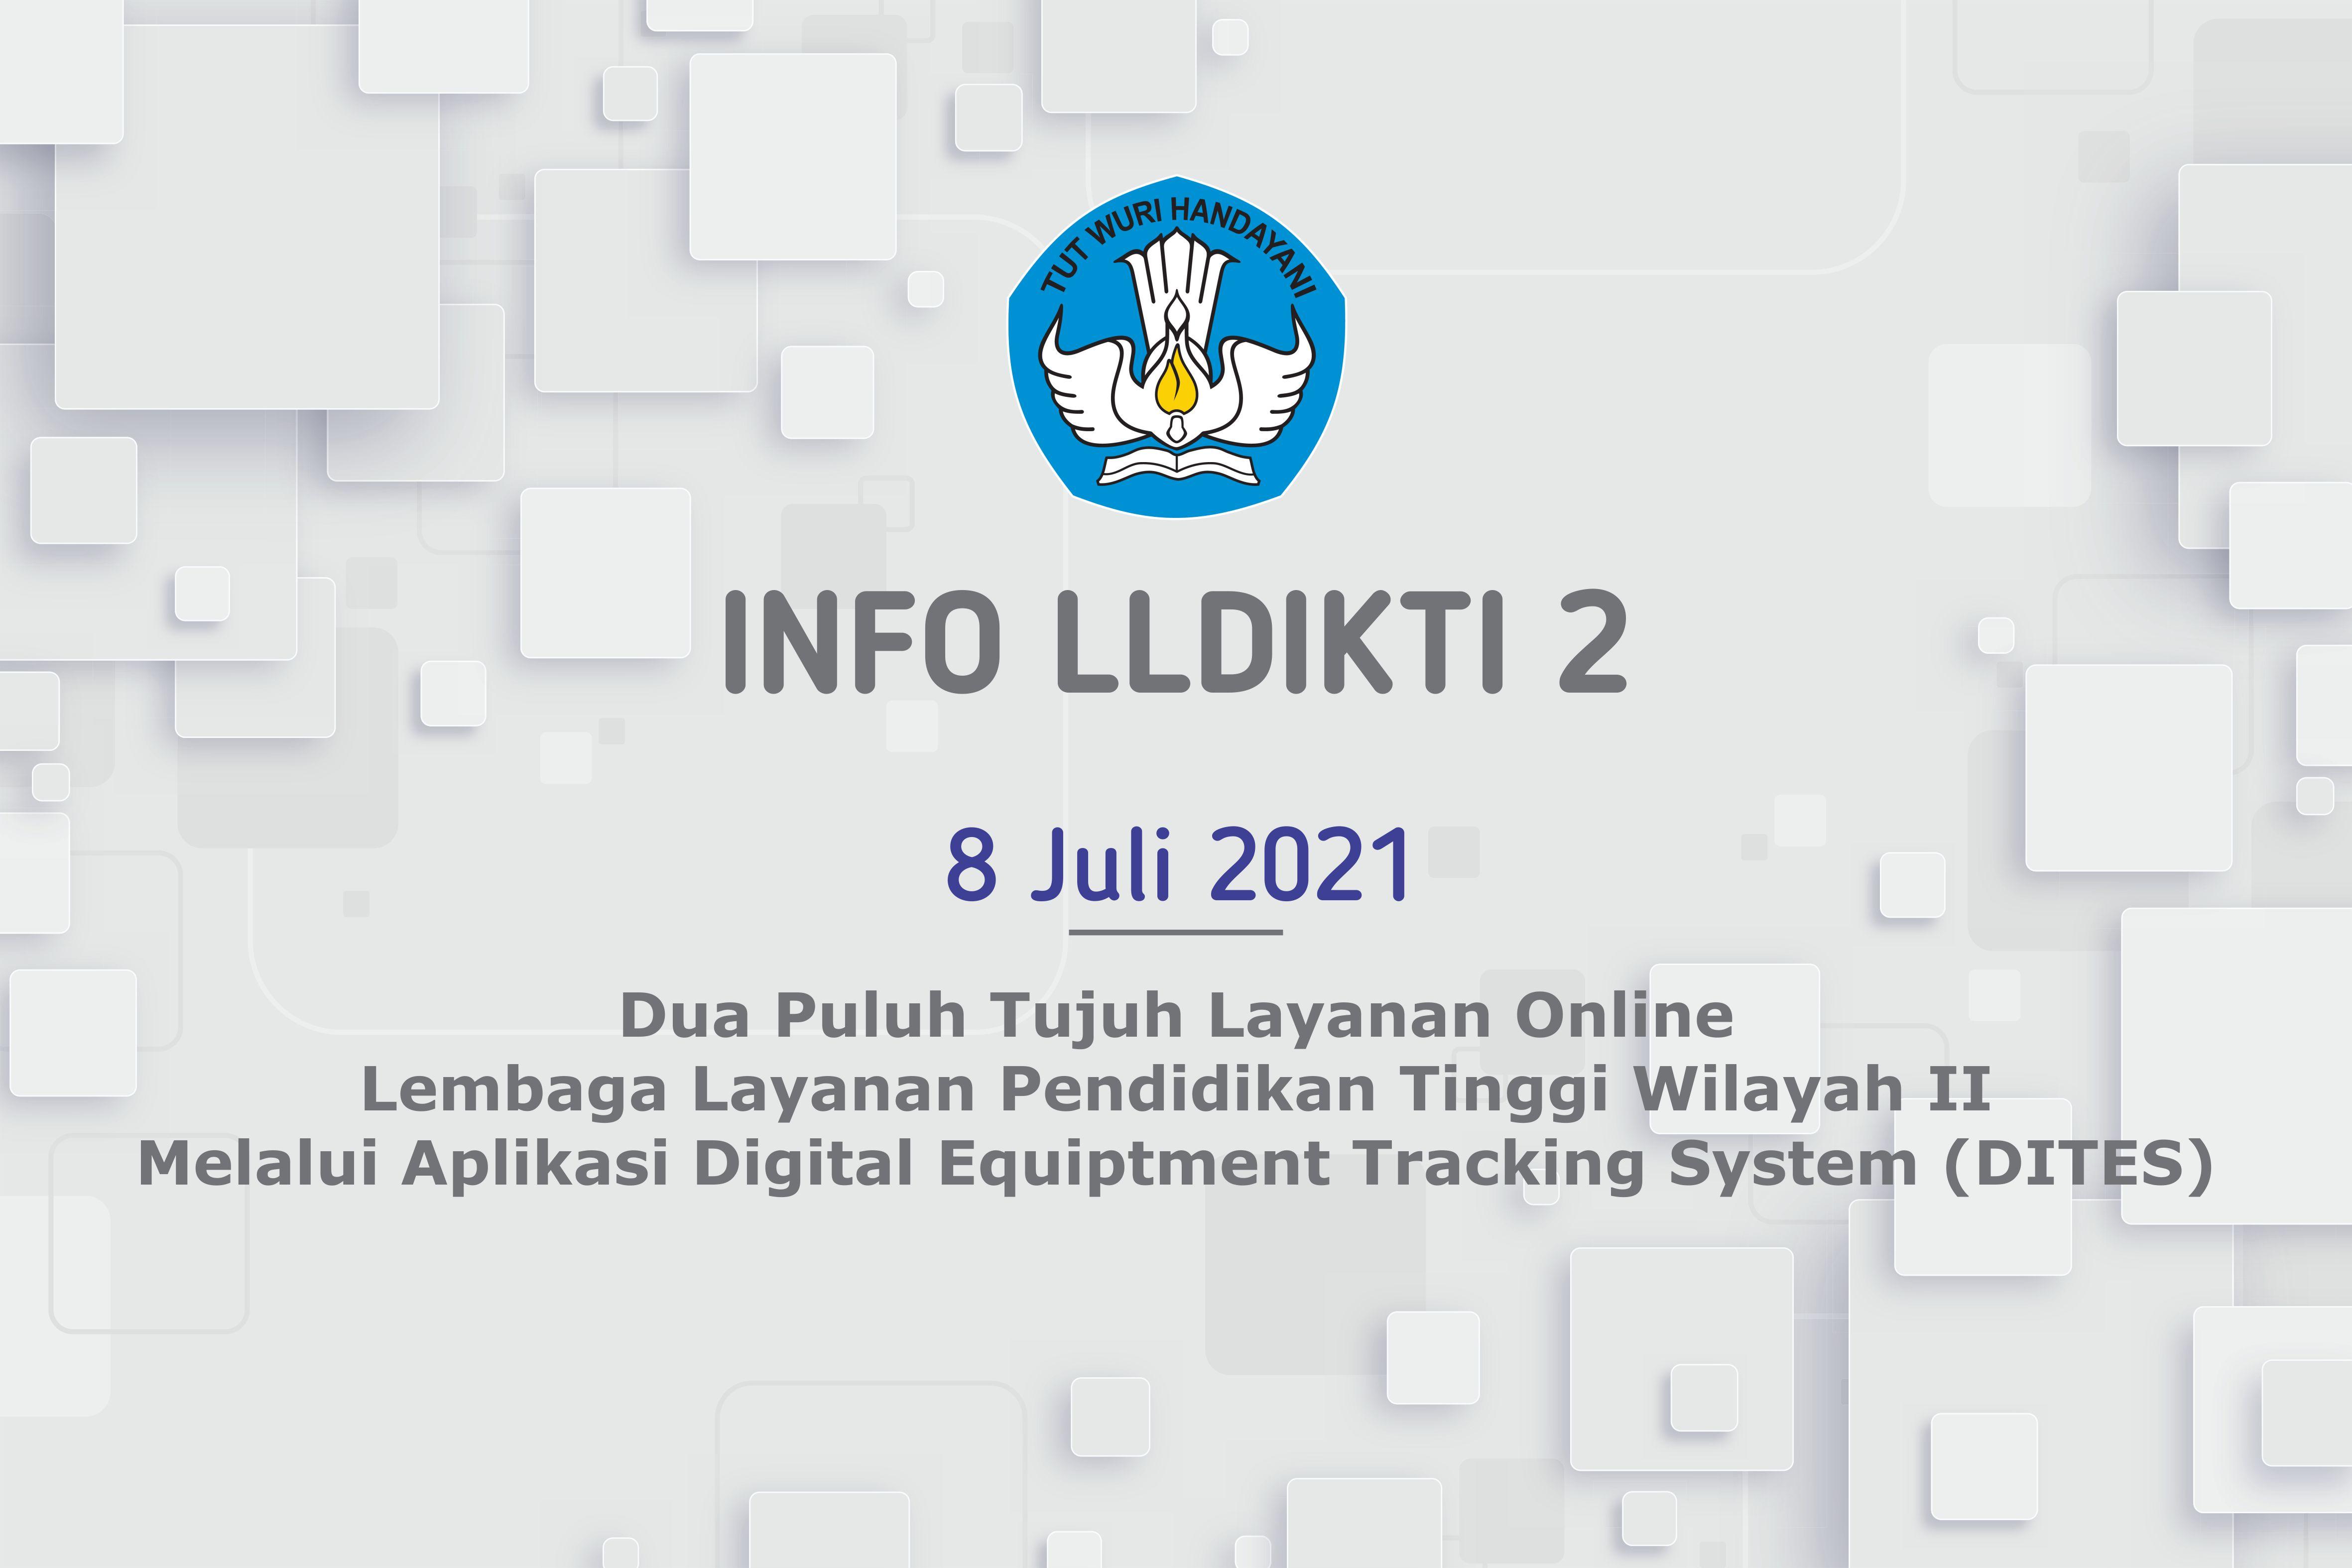 Dua Puluh Tujuh Layanan Online  Lembaga Layanan Pendidikan Tinggi Wilayah II Melalui Aplikasi Digital Equiptment Tracking System (DITES)